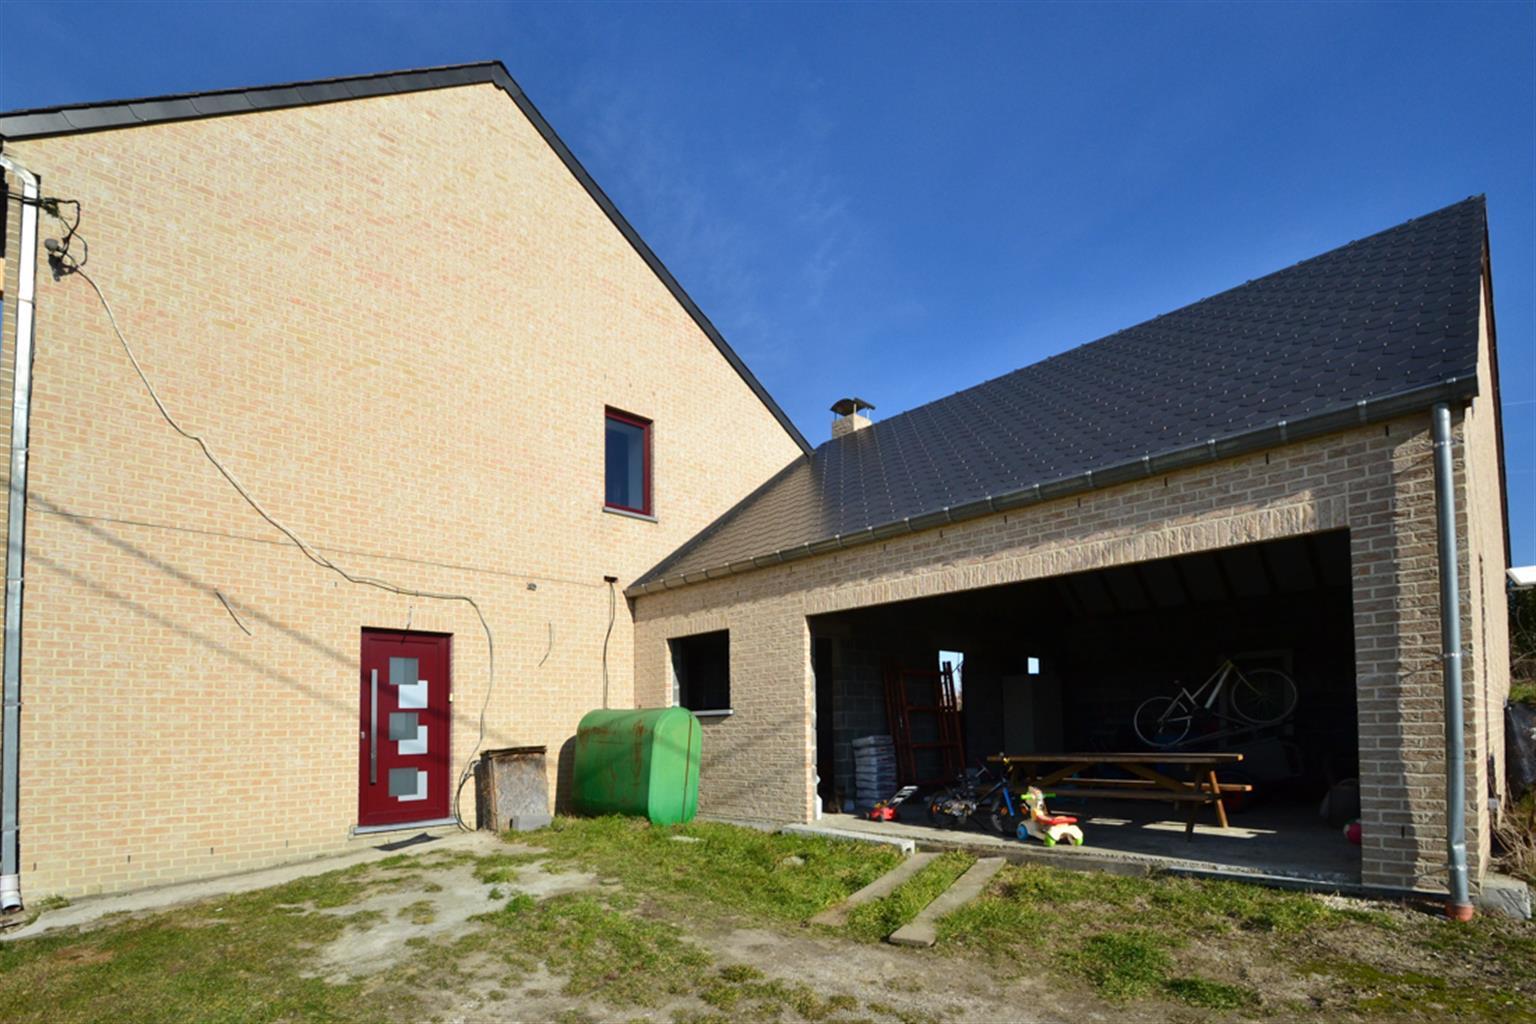 Maison - Gouy-lez-Piéton - #3687432-16